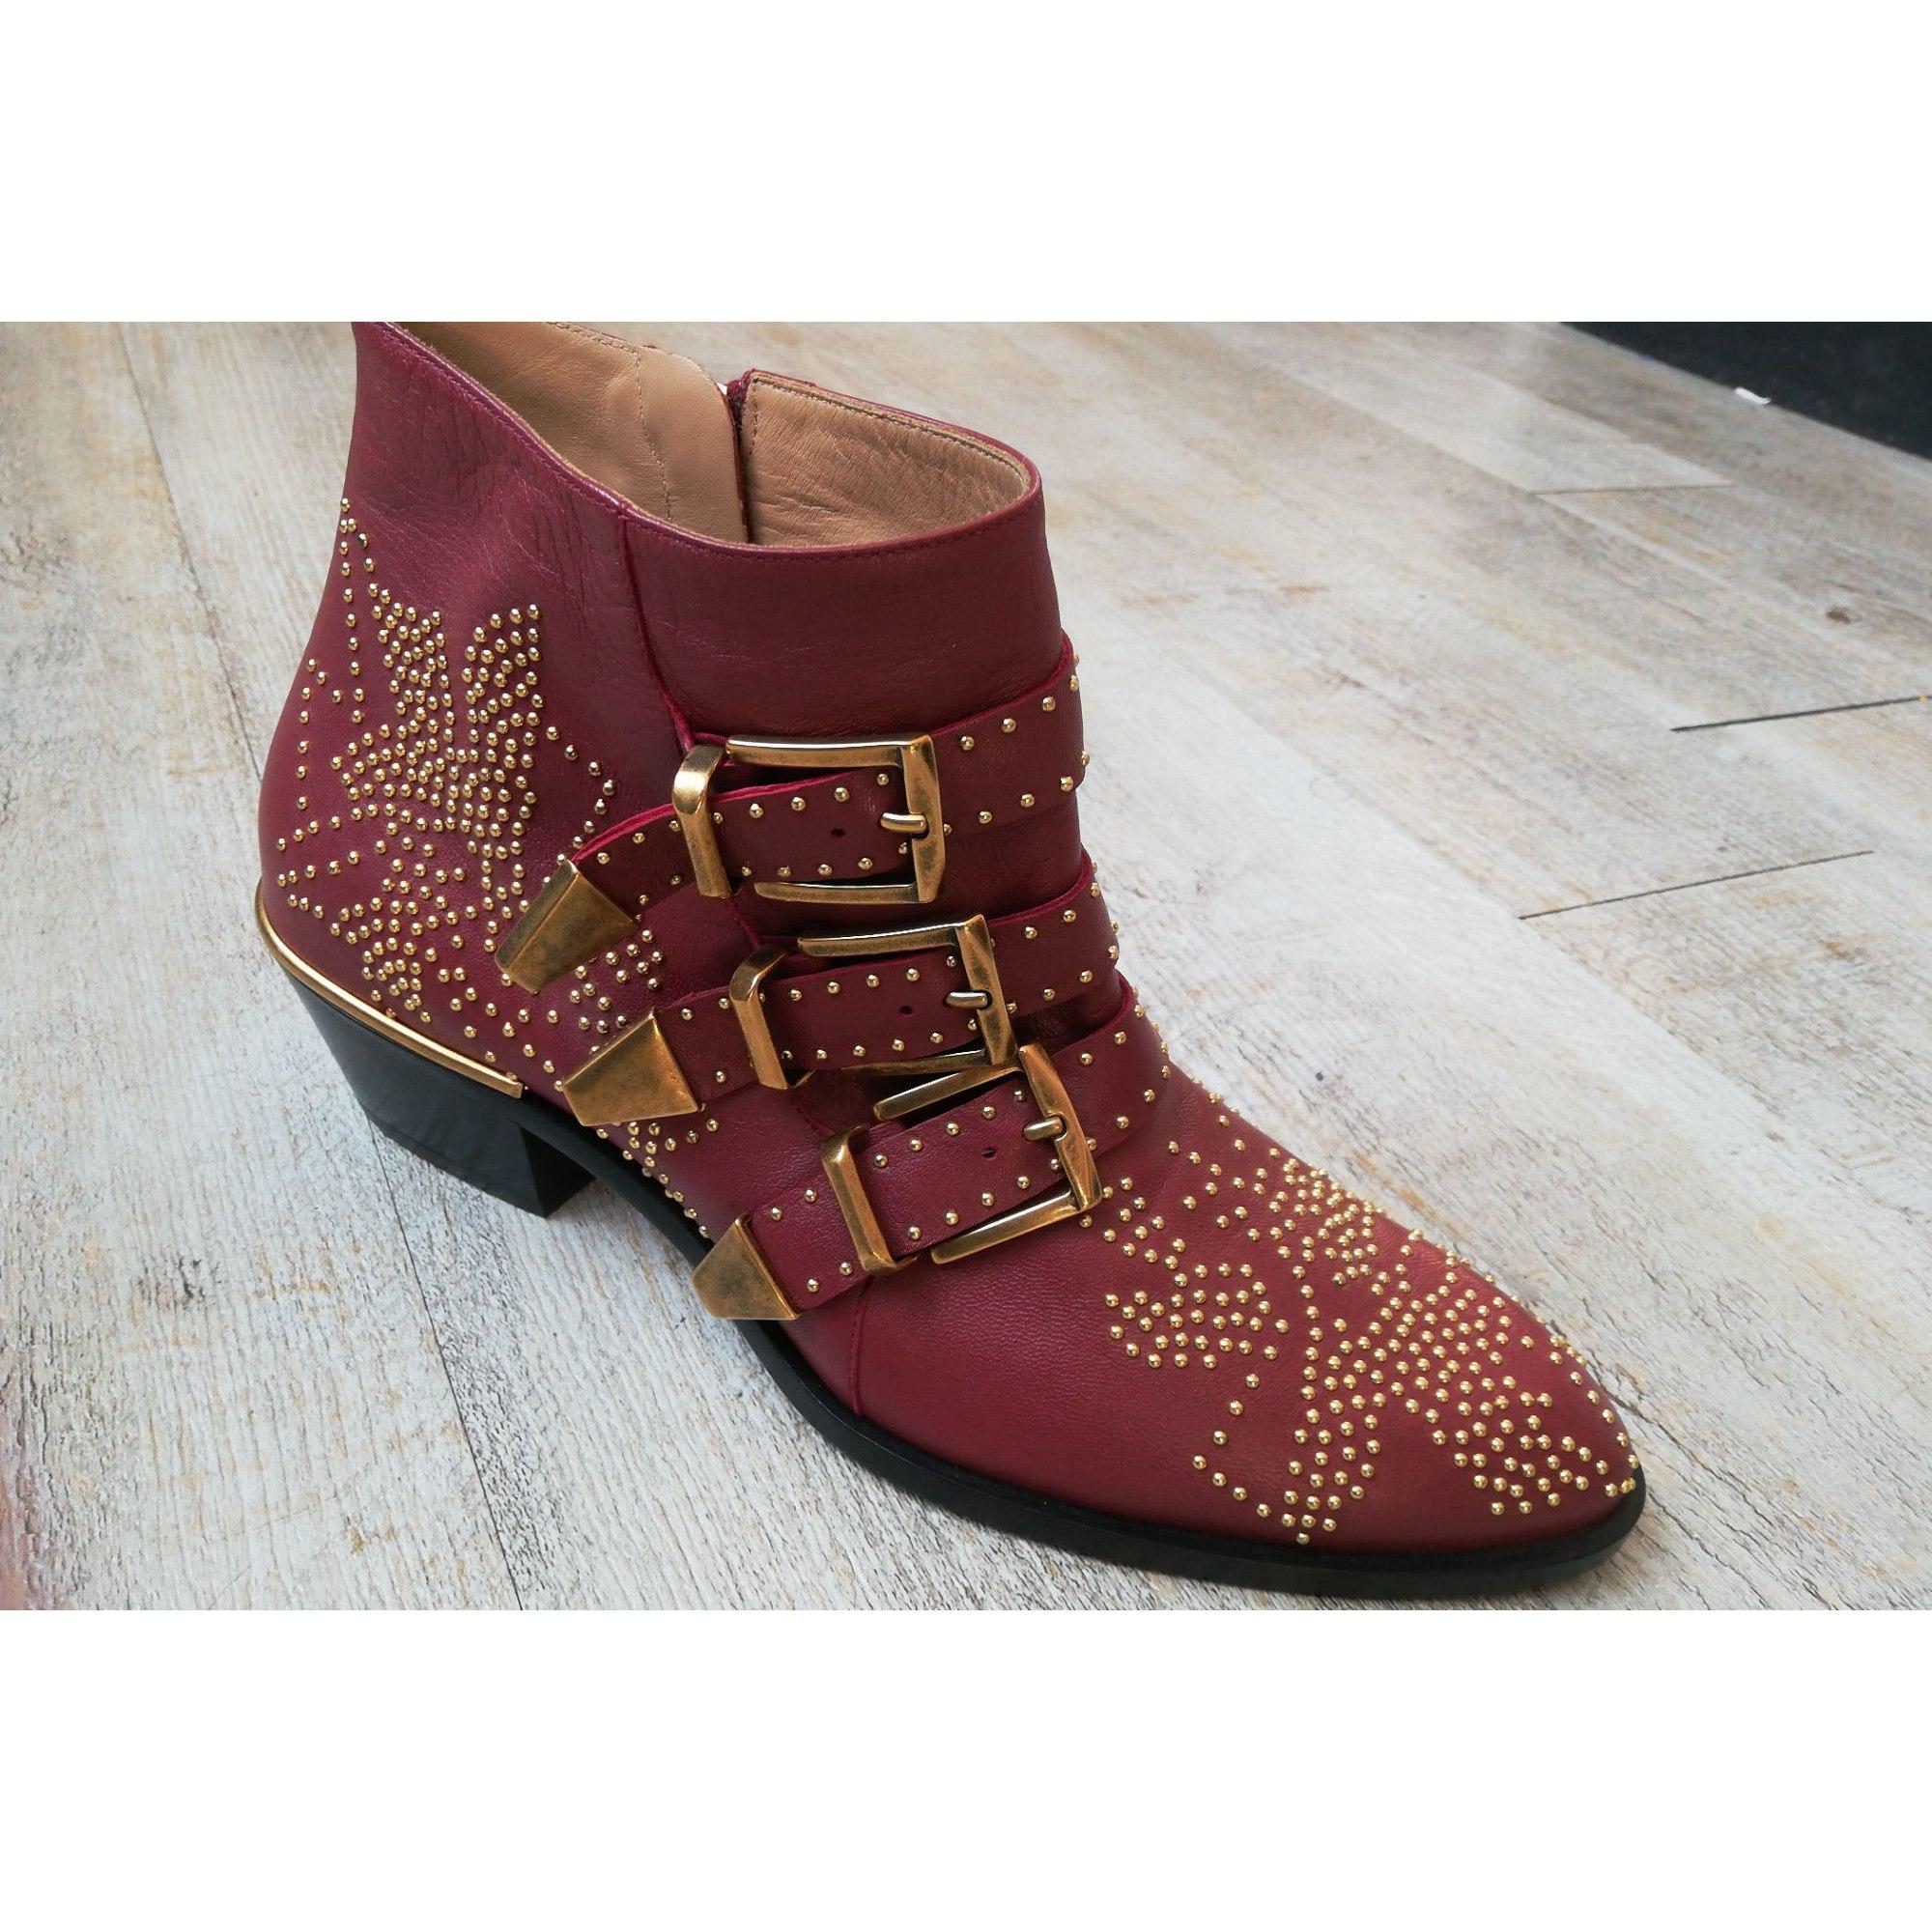 Santiags, bottines, low boots cowboy CHLOÉ Susanna Rouge, bordeaux